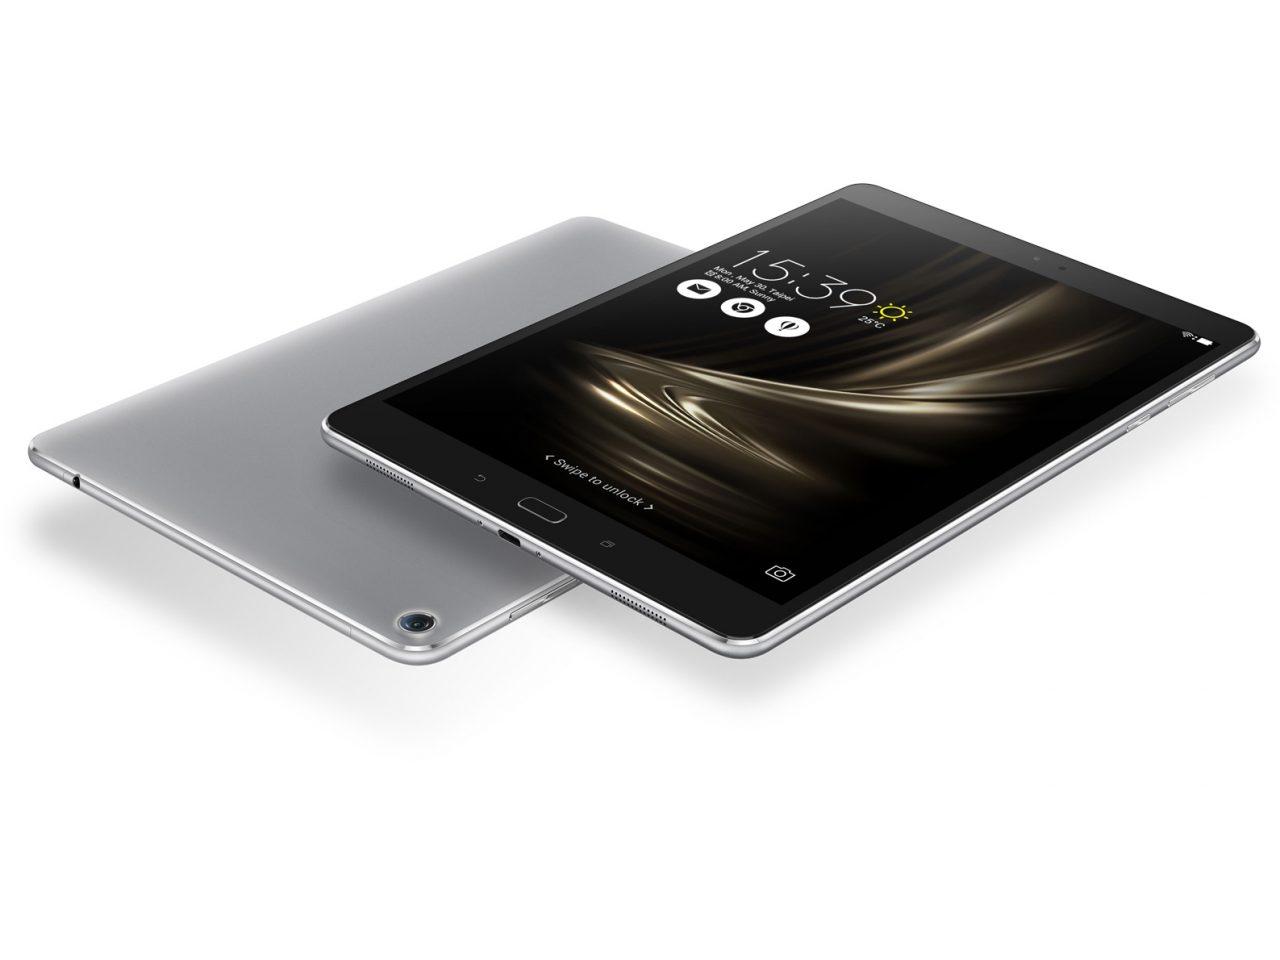 ASUS ZenPad 3S 10 LTE lanzado con SoC Snapdragon 650 y batería de 7800 mAh